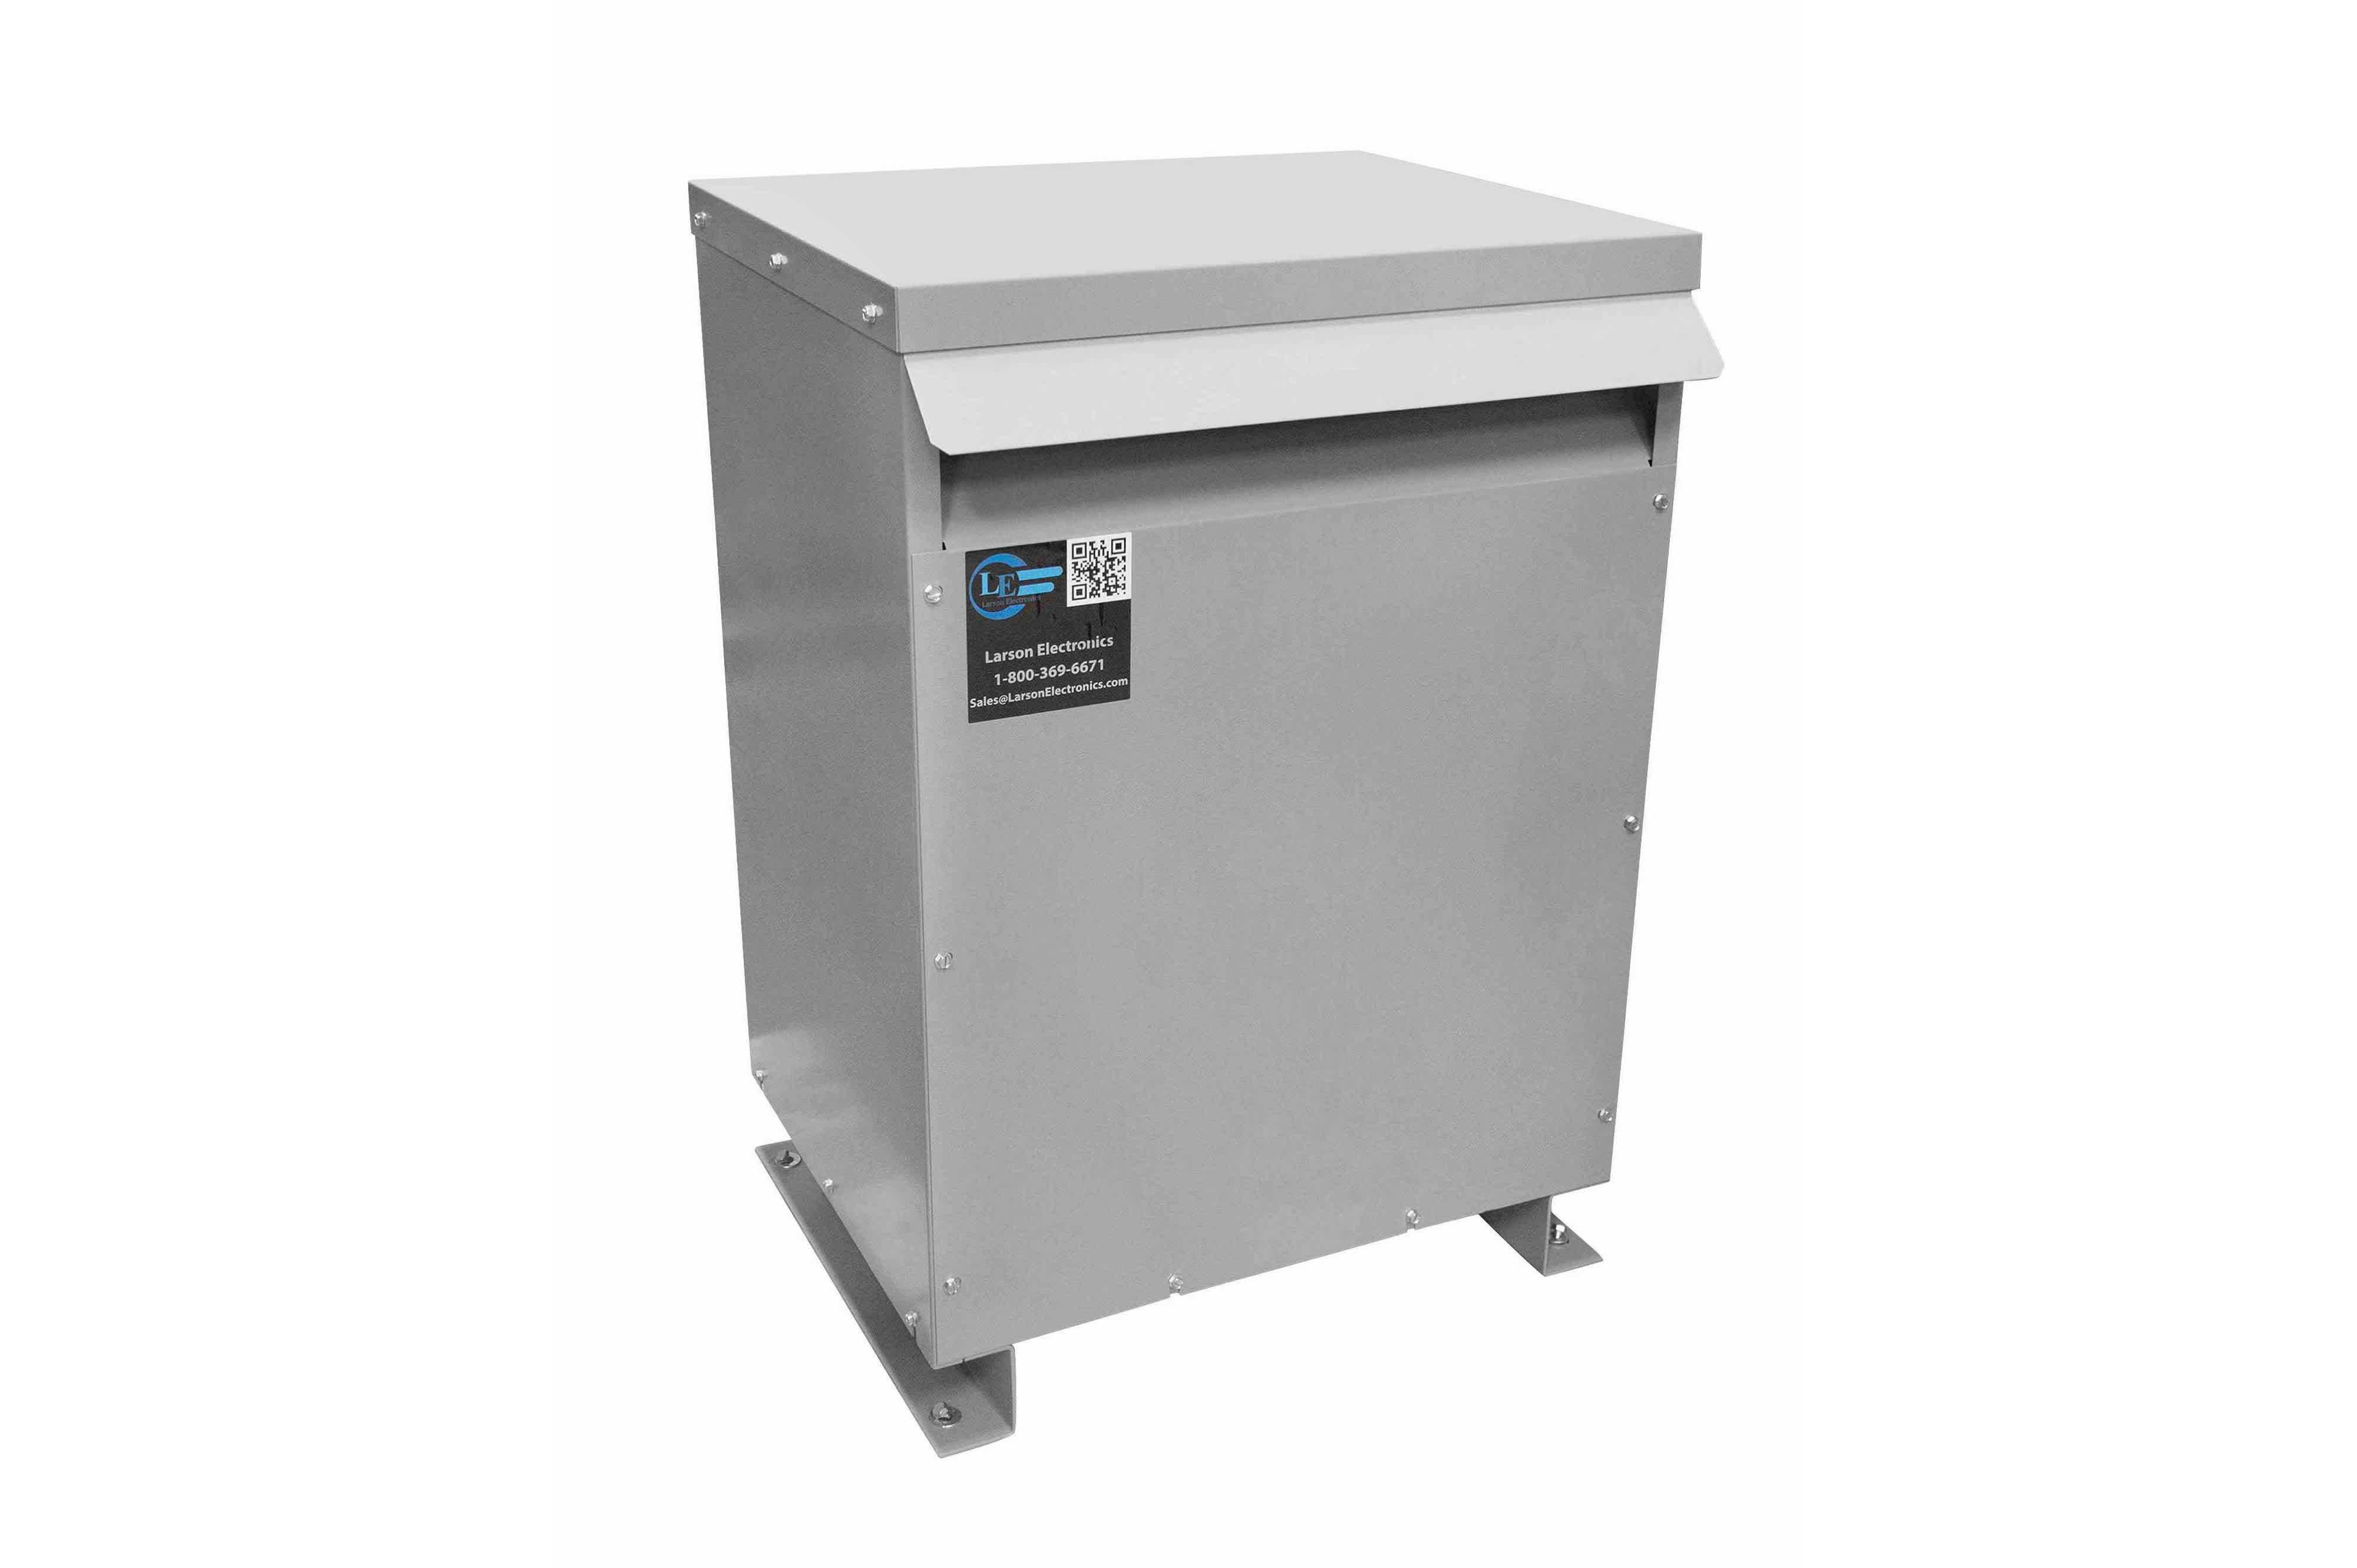 750 kVA 3PH Isolation Transformer, 208V Delta Primary, 240 Delta Secondary, N3R, Ventilated, 60 Hz